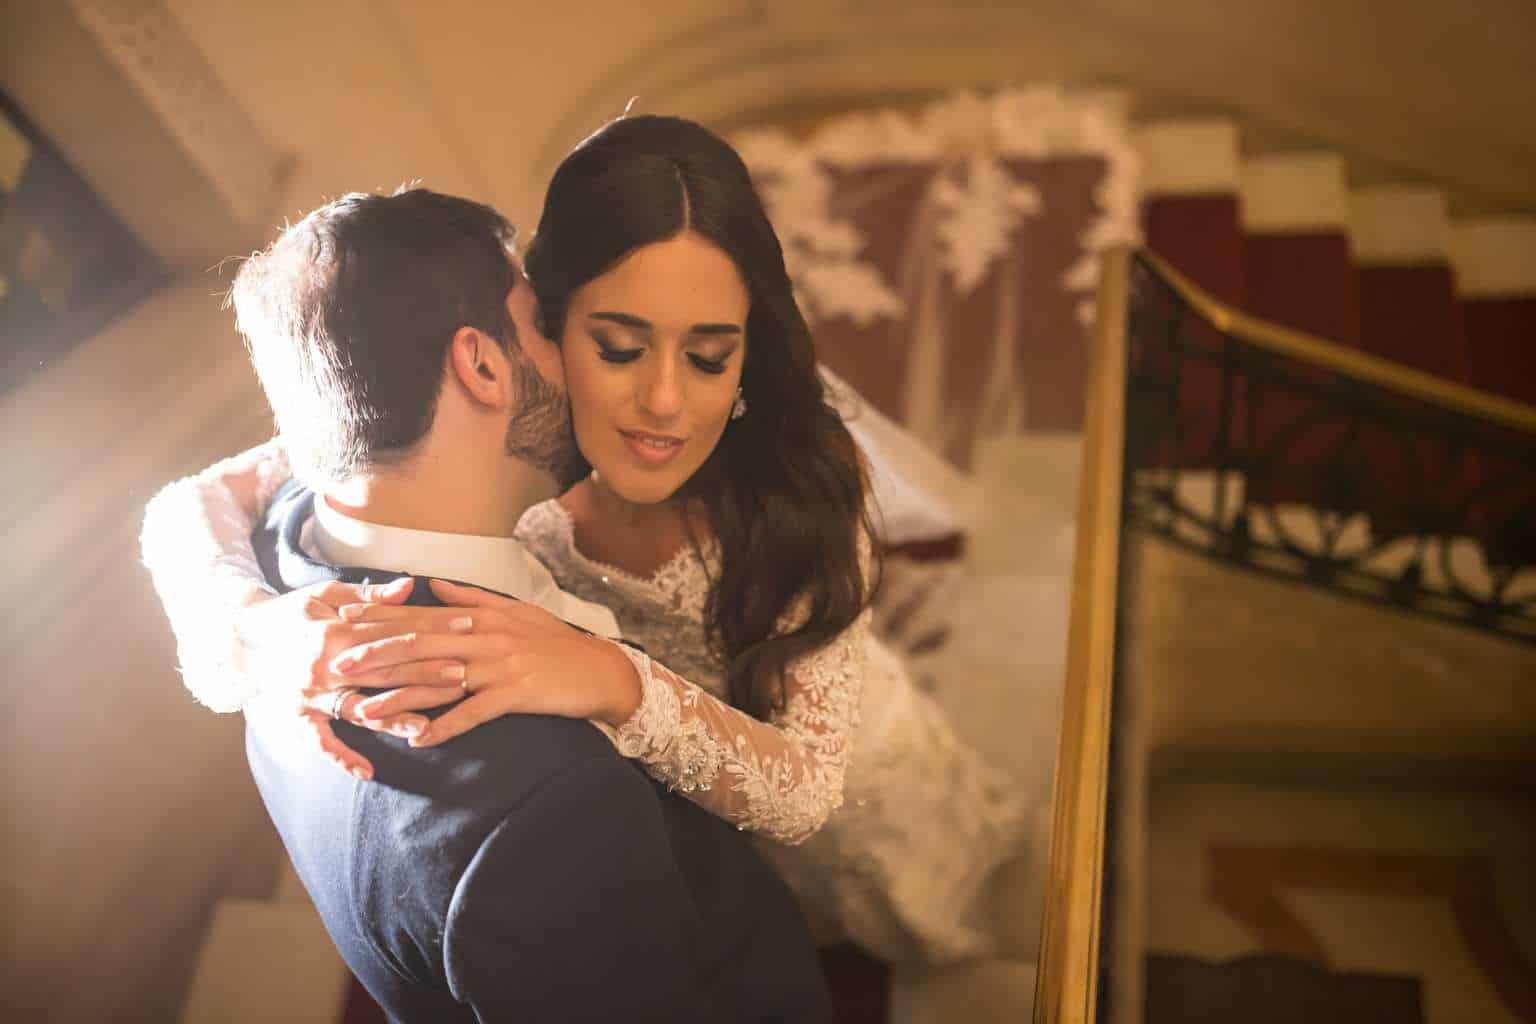 casamento-fernanda-e-leandro-casamento-sp-Fotografia-Produtora-7-casamento-clássico-casamento-tradicional-wedding-27